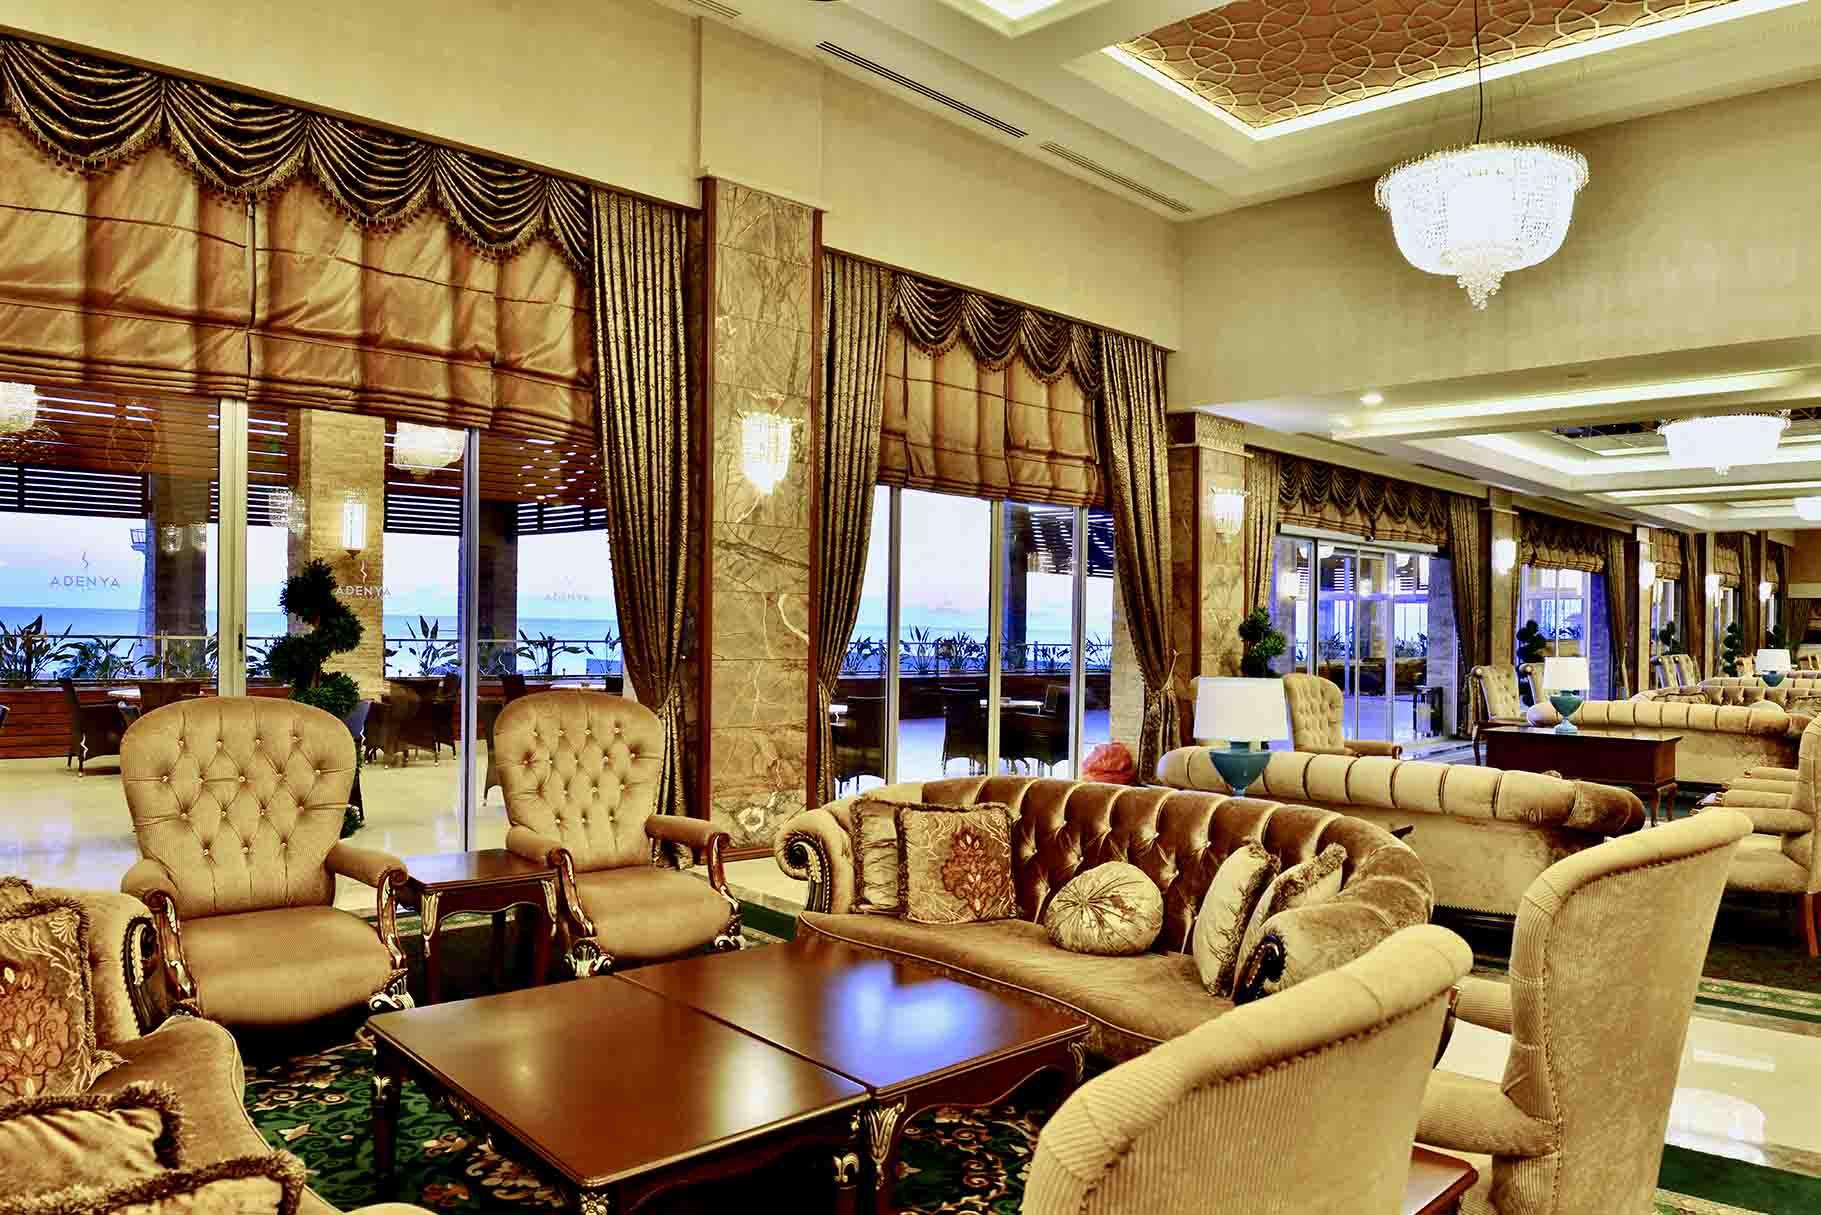 ADENYA HOTEL262289